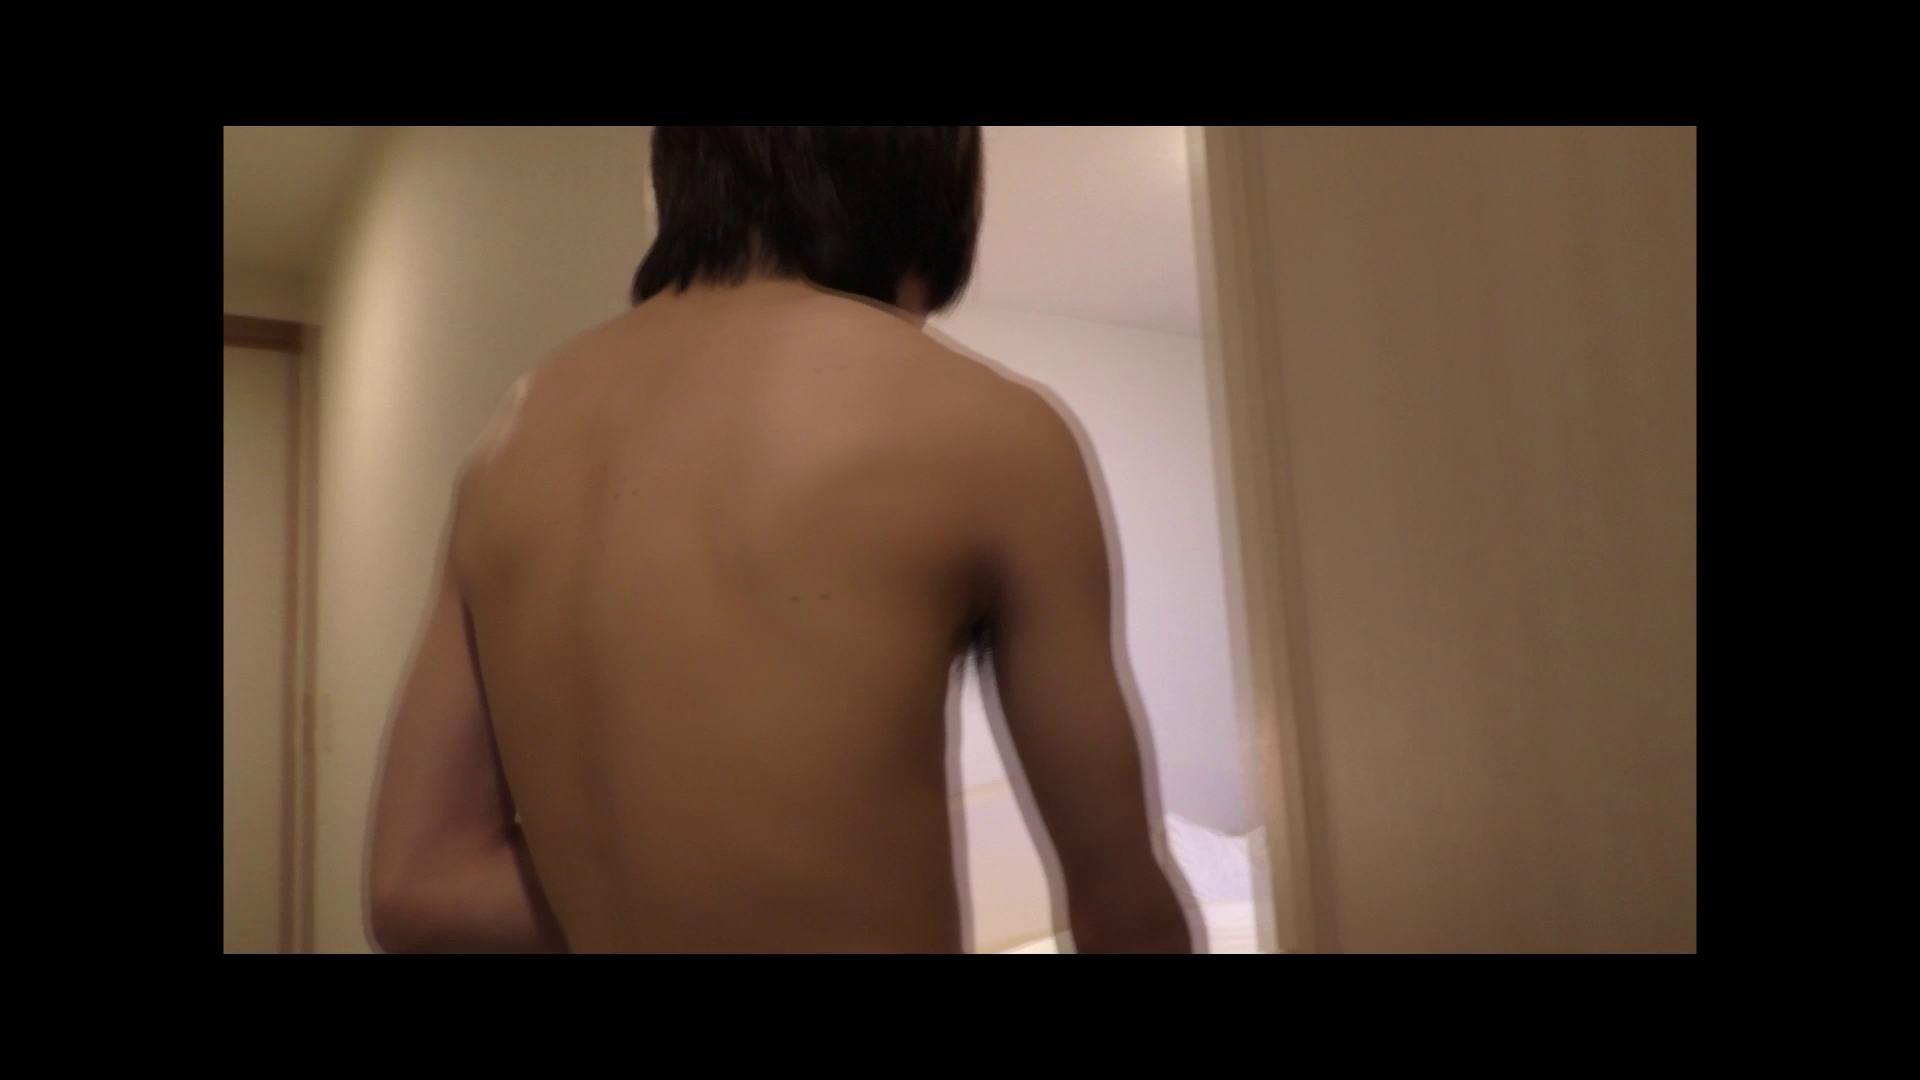 ホストのお仕事1~vol.3  罰は痛~いアナル挿入 生入最高 ゲイエロ動画 111枚 93